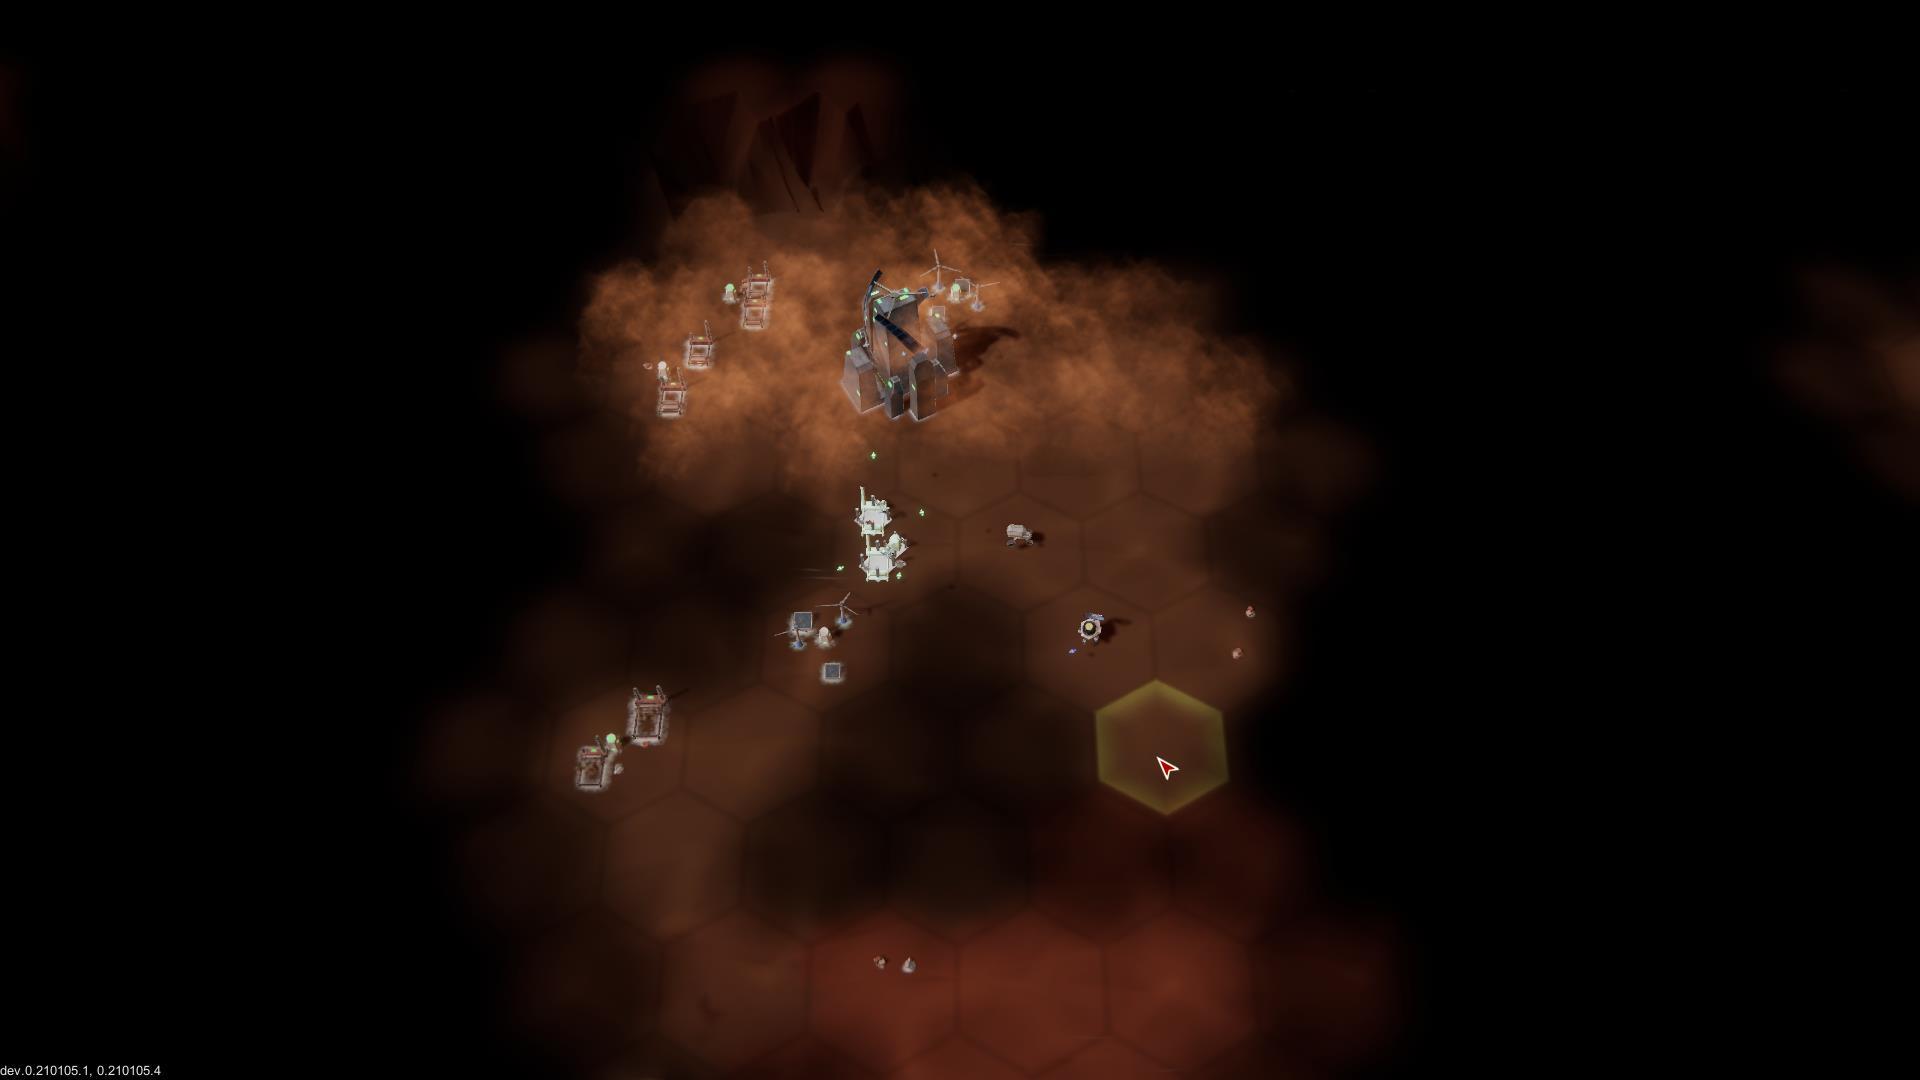 Reshaping Mars: Construye tu propia colonia en Marte en este juego desarrollado por una sola persona 3